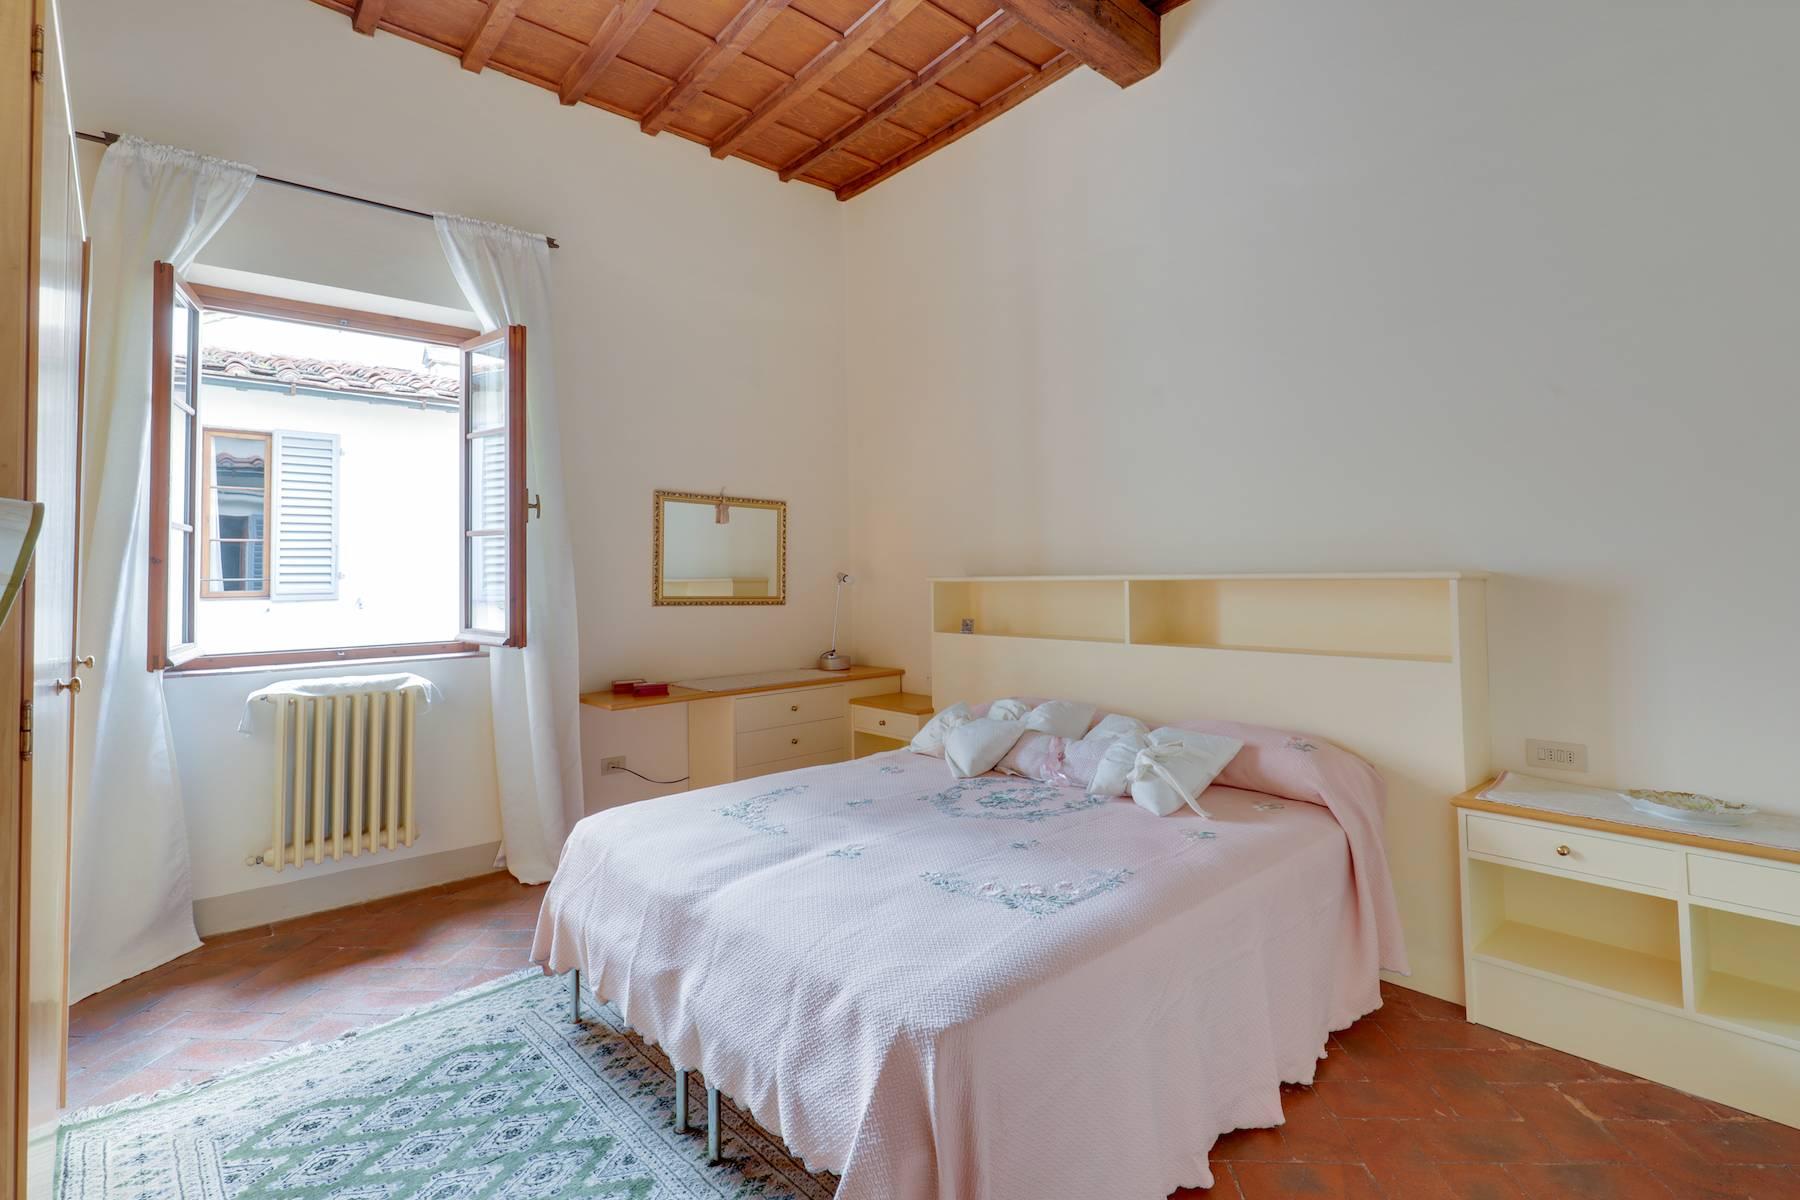 Appartamento in Vendita a Firenze: 4 locali, 90 mq - Foto 12